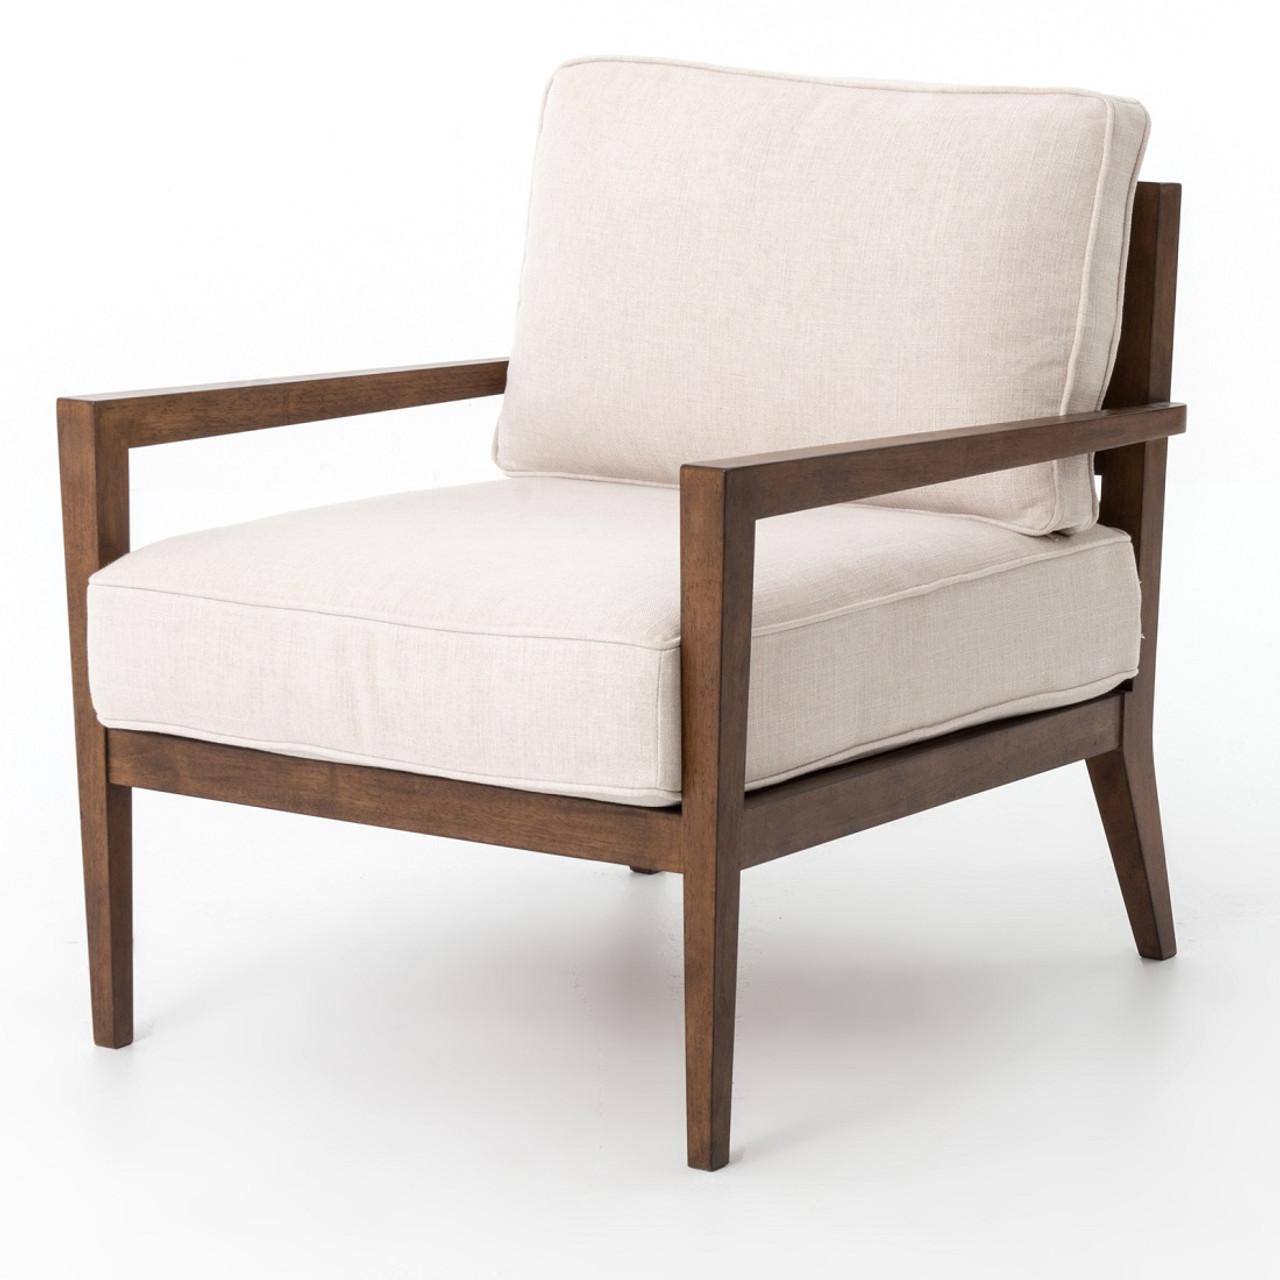 Laurent Wood Frame Beige Linen Accent Chair | Zin Home